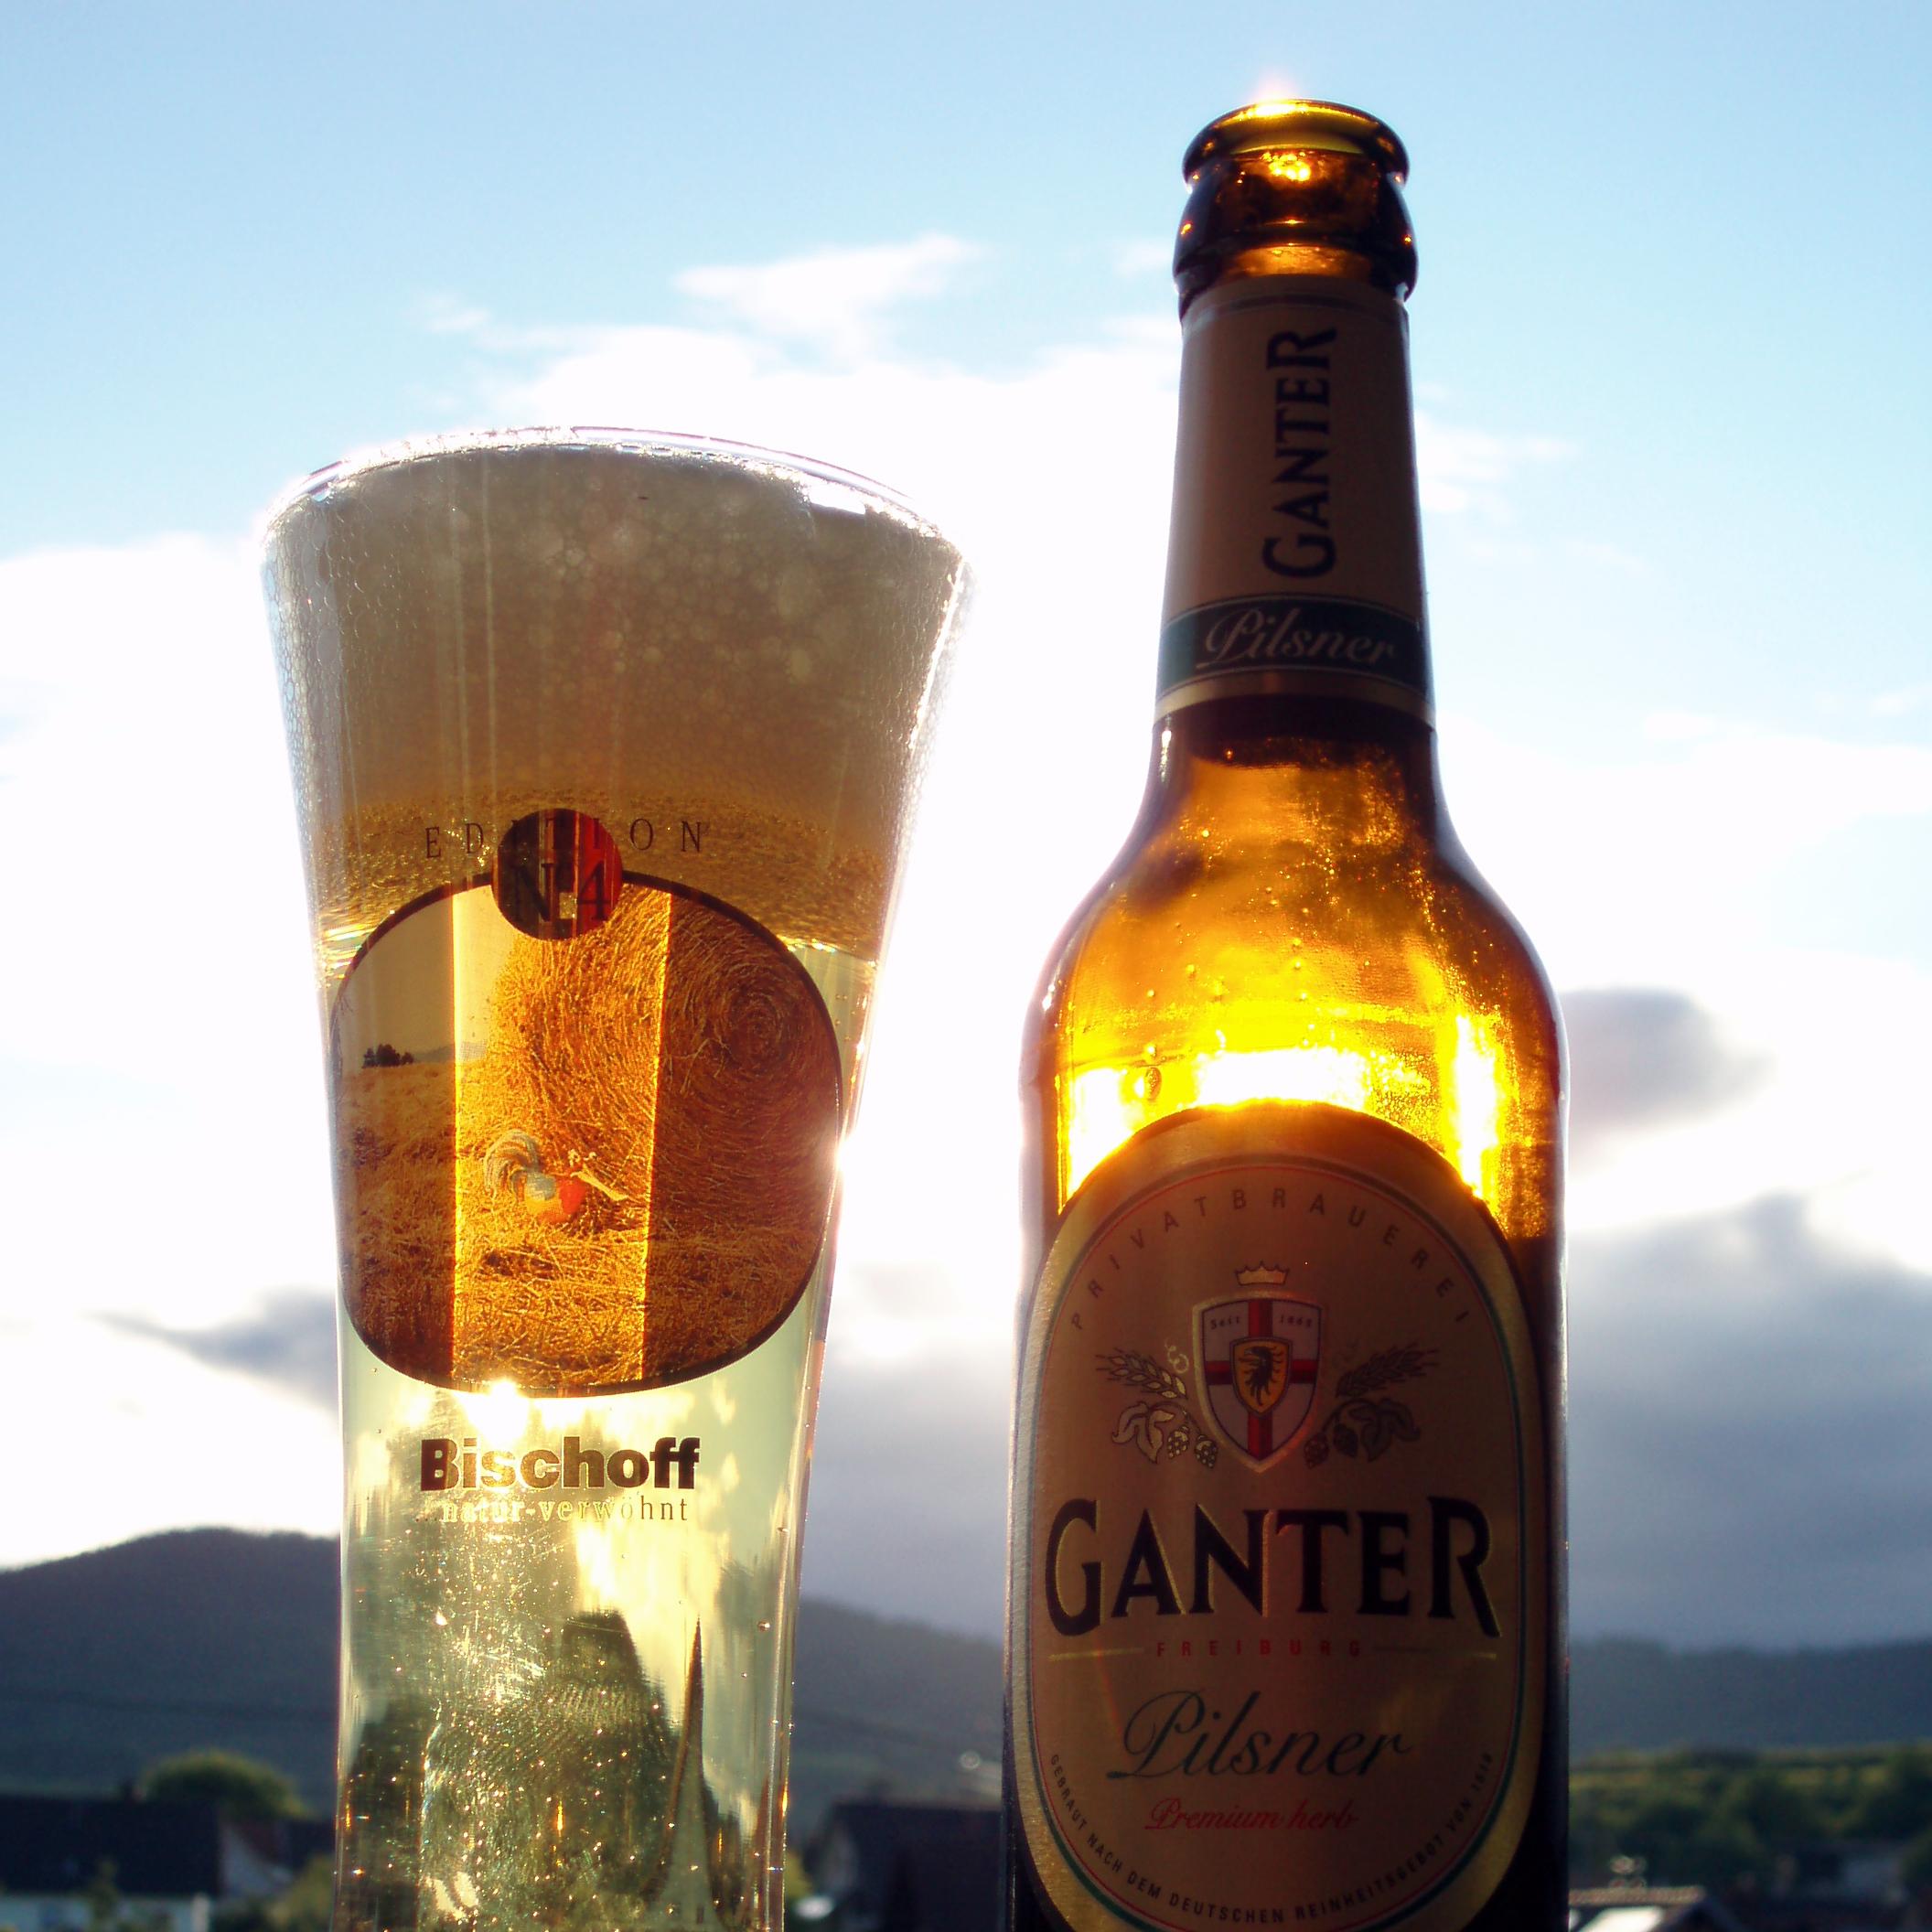 Ganter Premium Pilsner feinherb - thumb